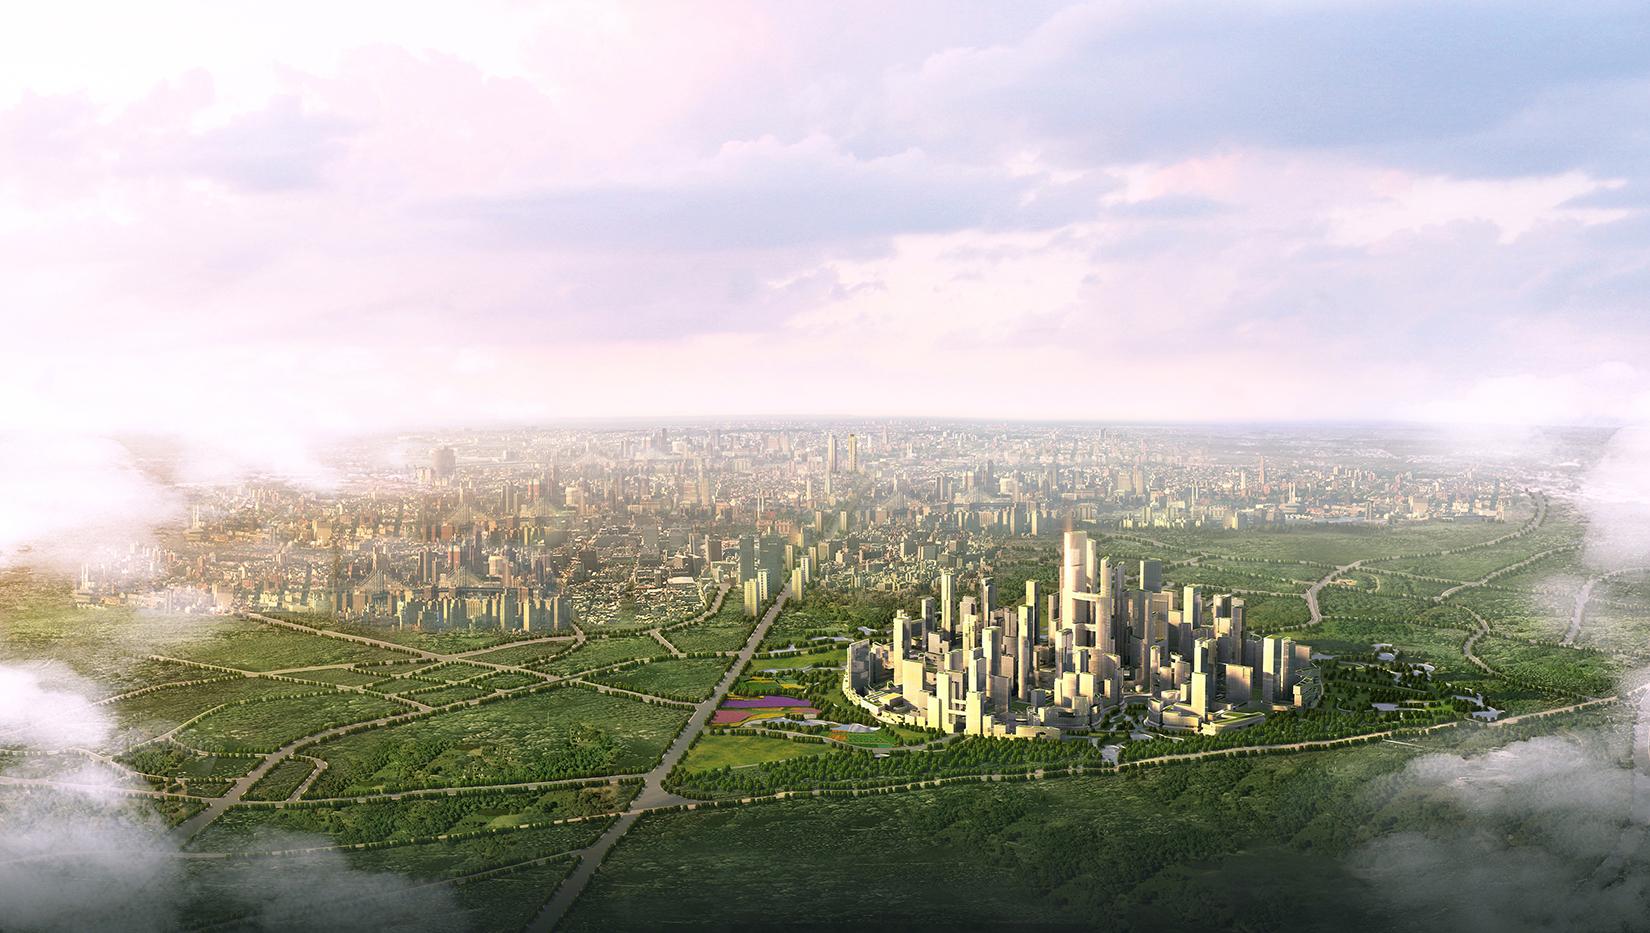 Tianfu Ecological City aerial